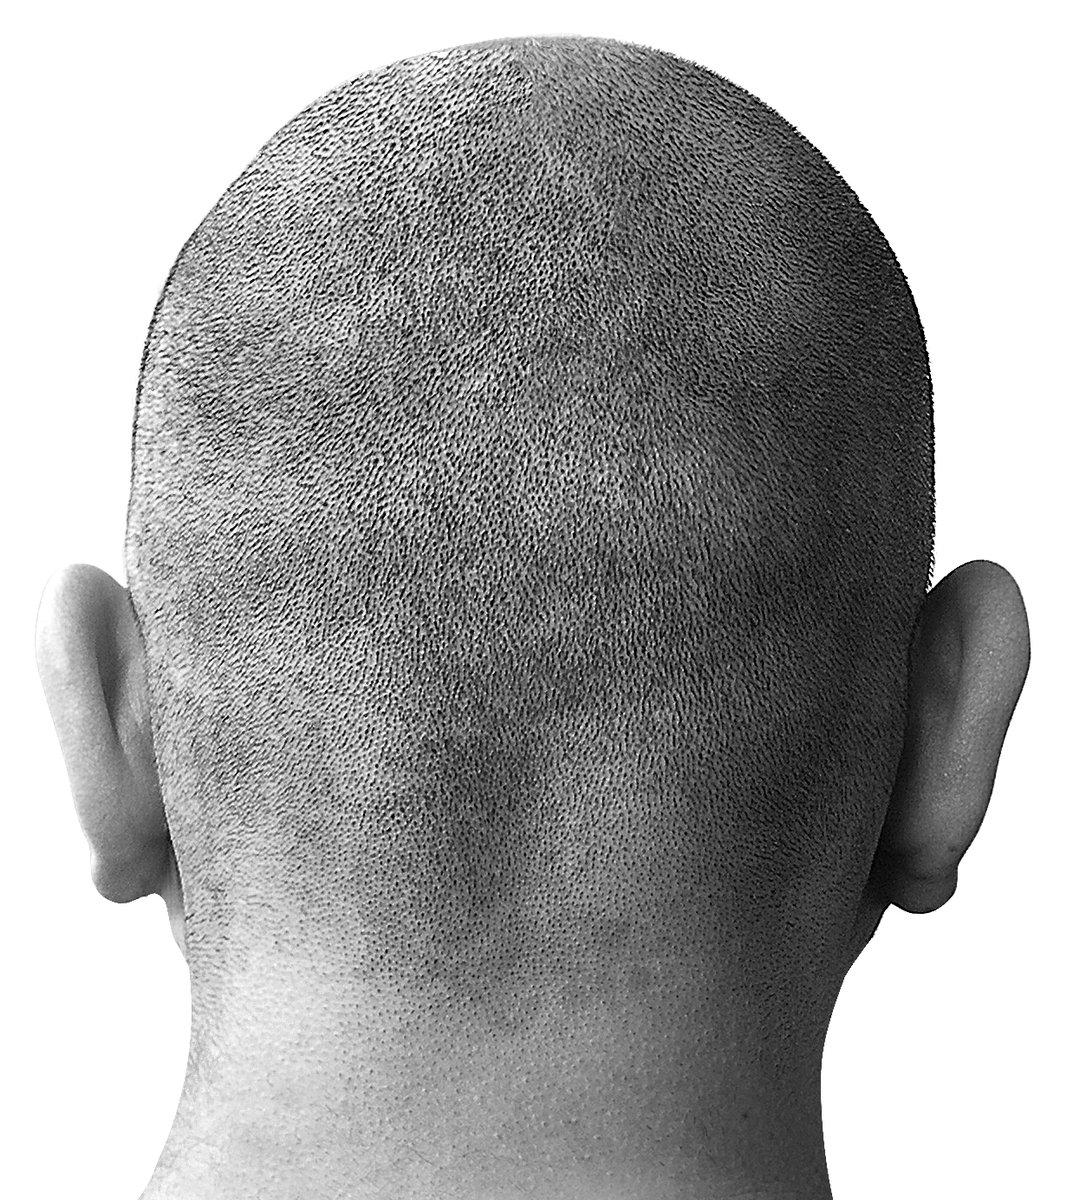 bald head 1